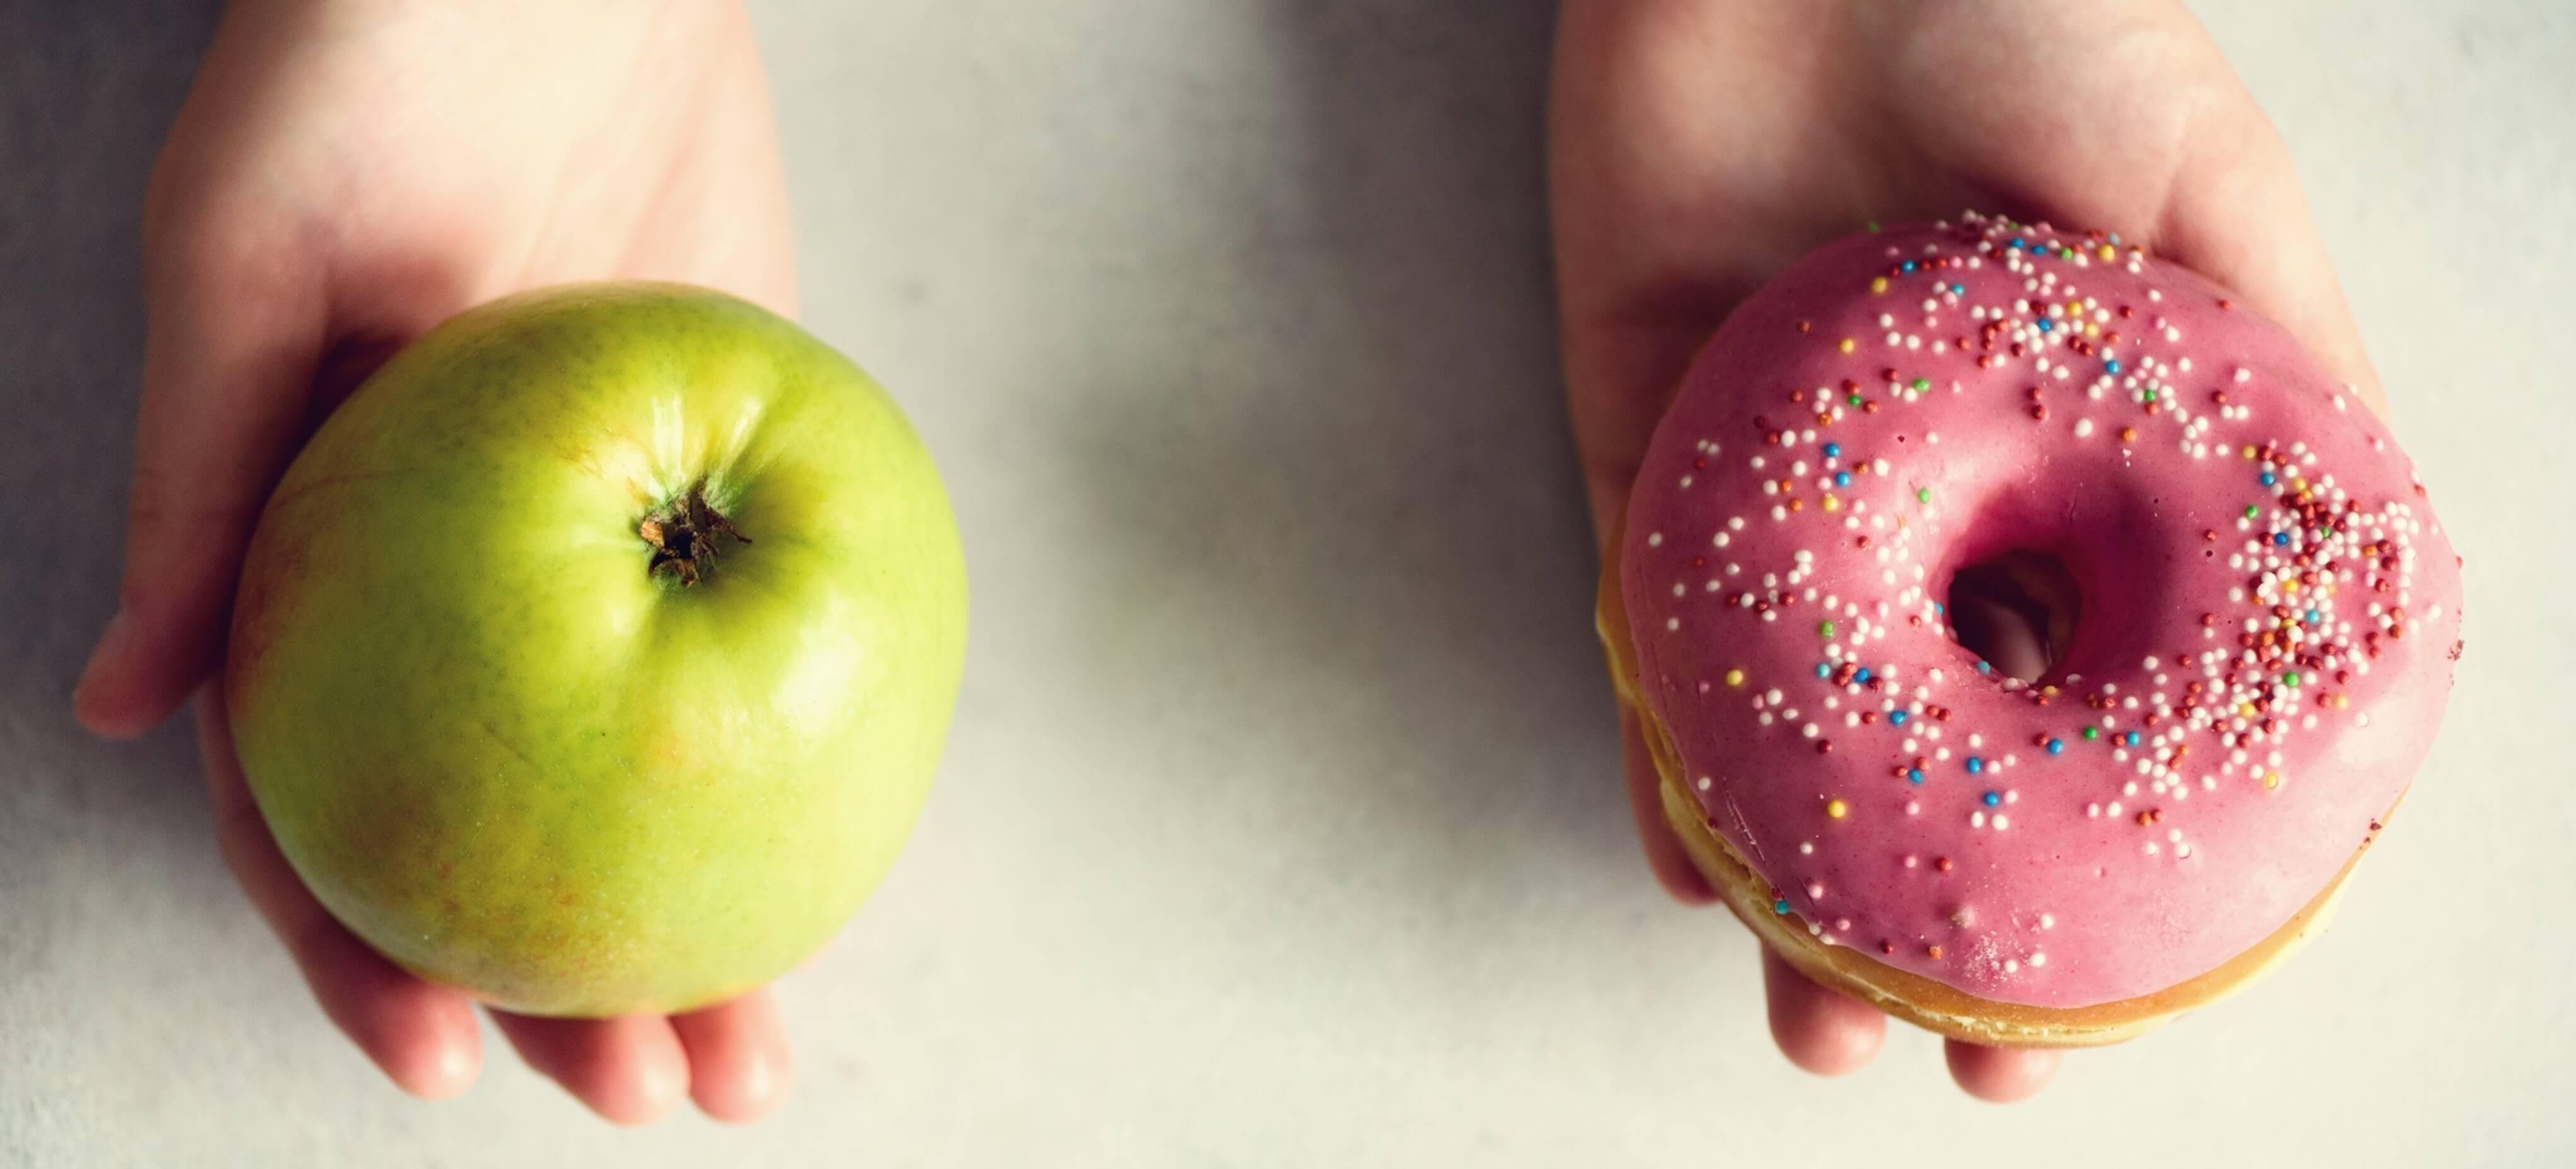 Apfel und Donut Vergleich